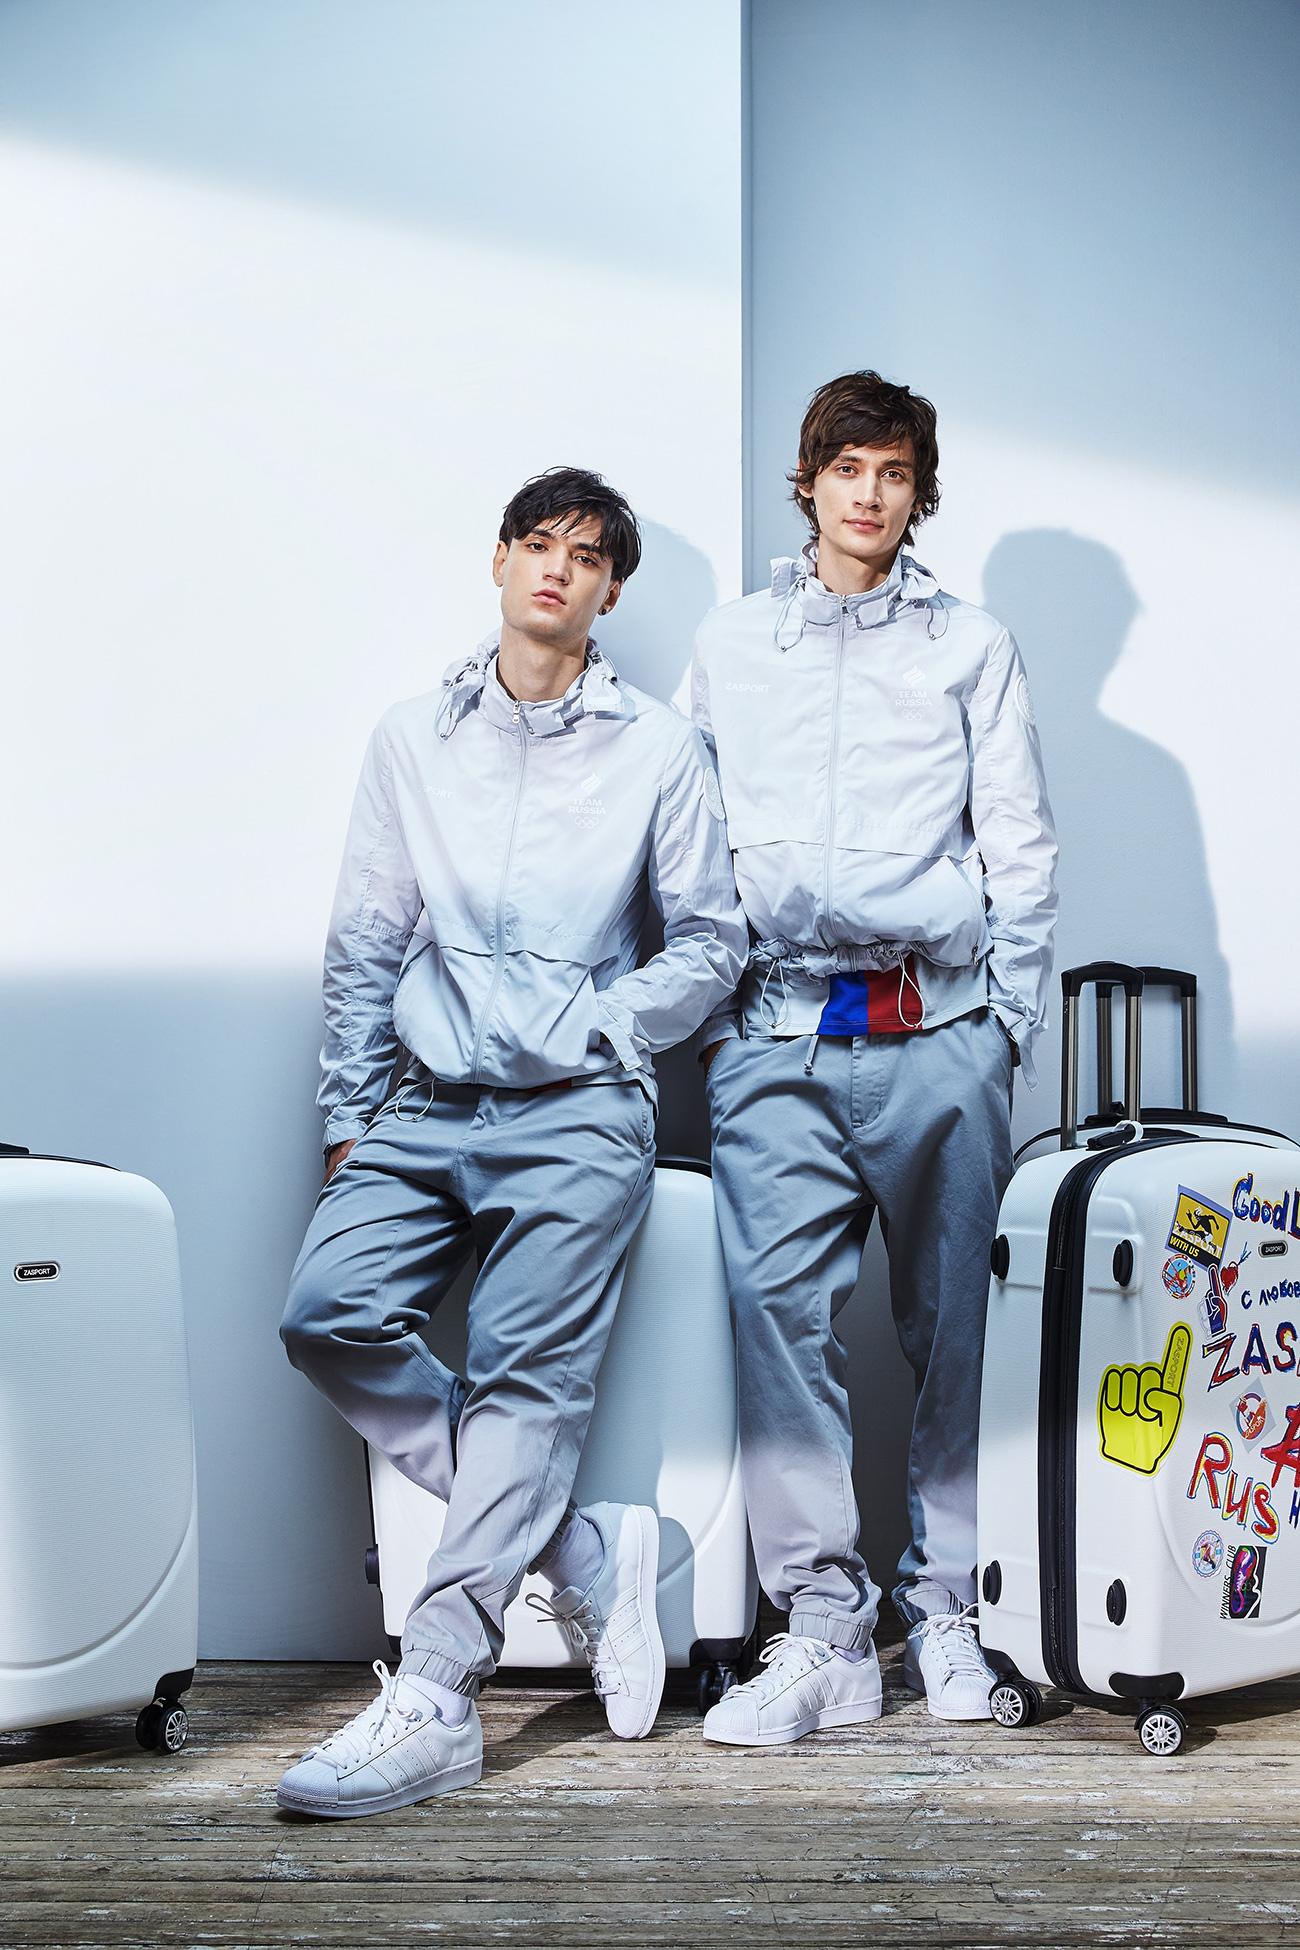 Нови модели дресова биће јавно показани на Европском омладинском летњем олимпијском фестивалу, који ће се од 23. до 30. јула одржати у Мађарској.